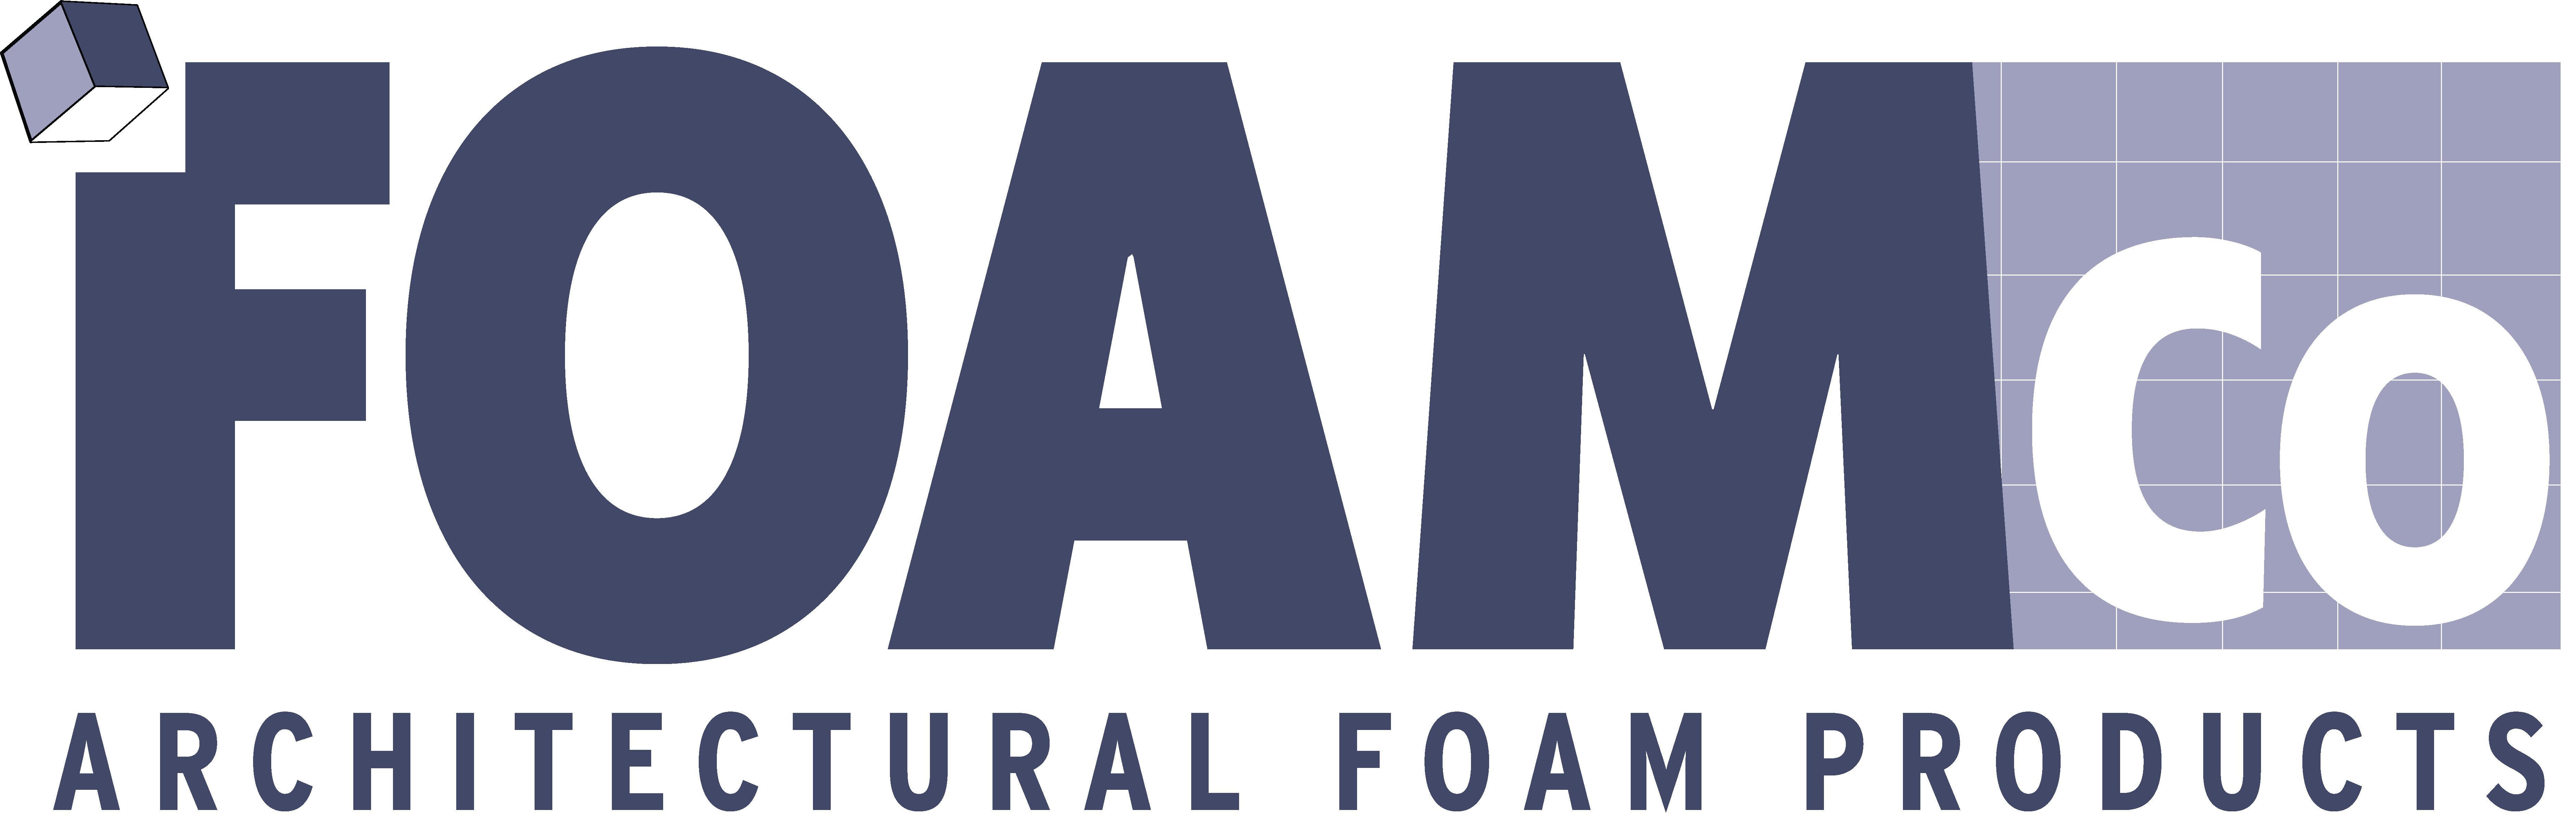 FOAMCO logo